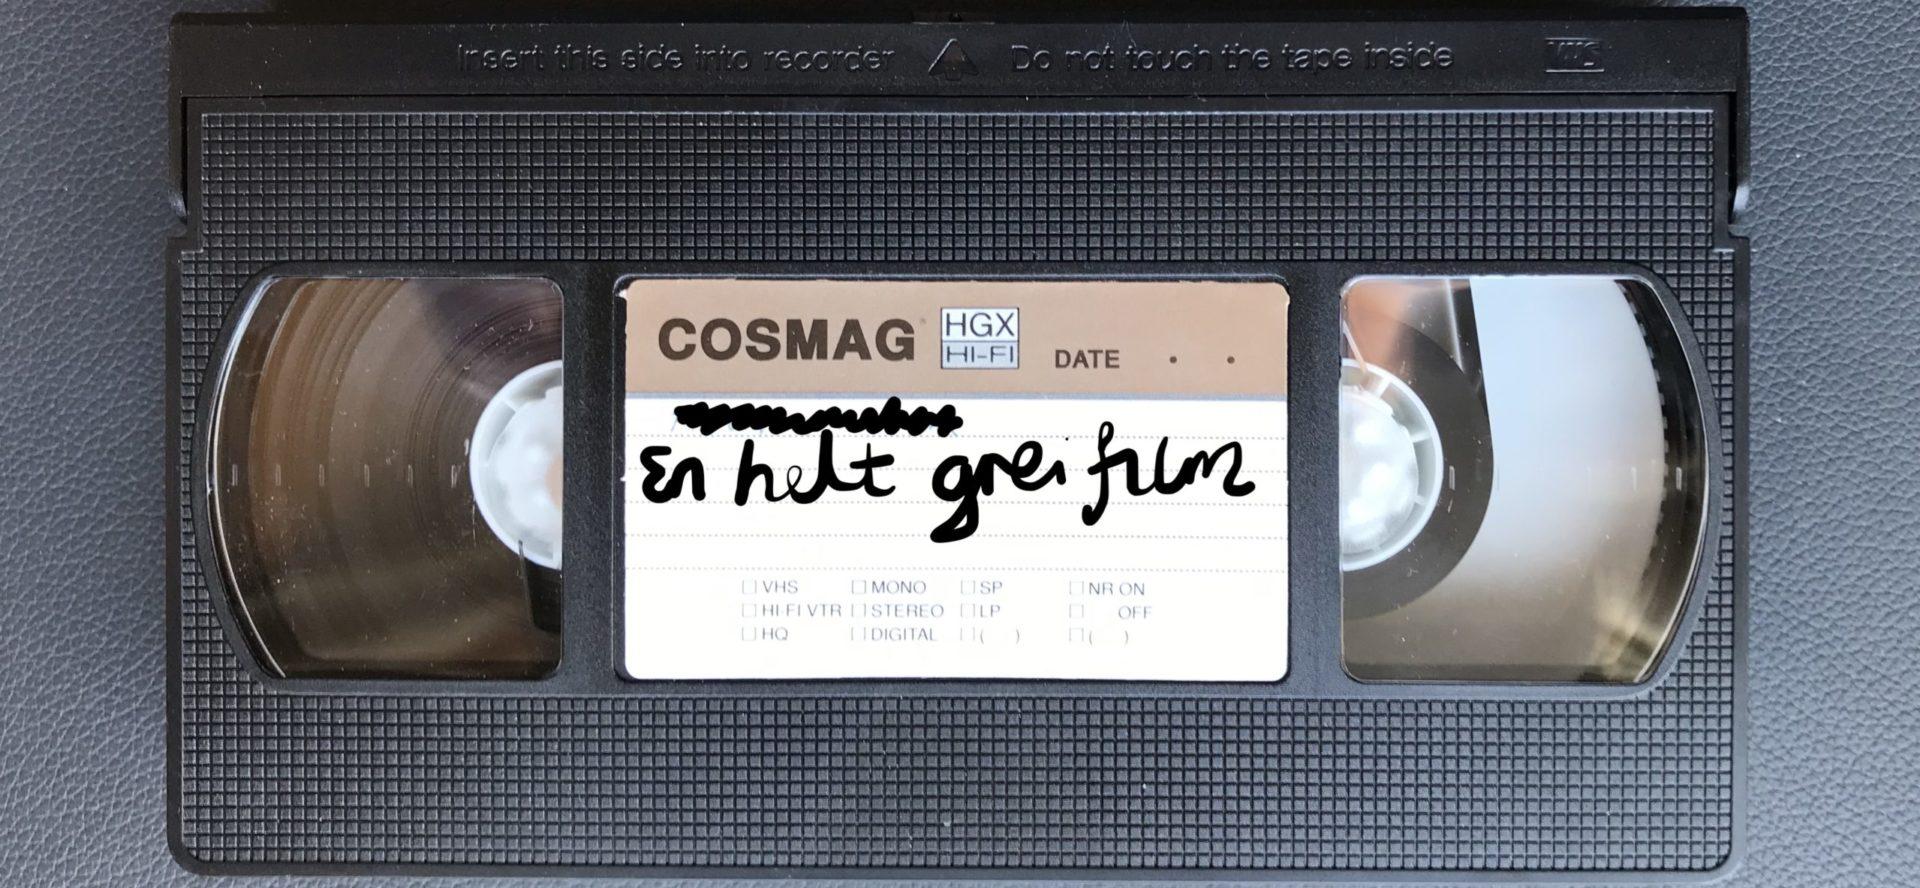 En helt grei film